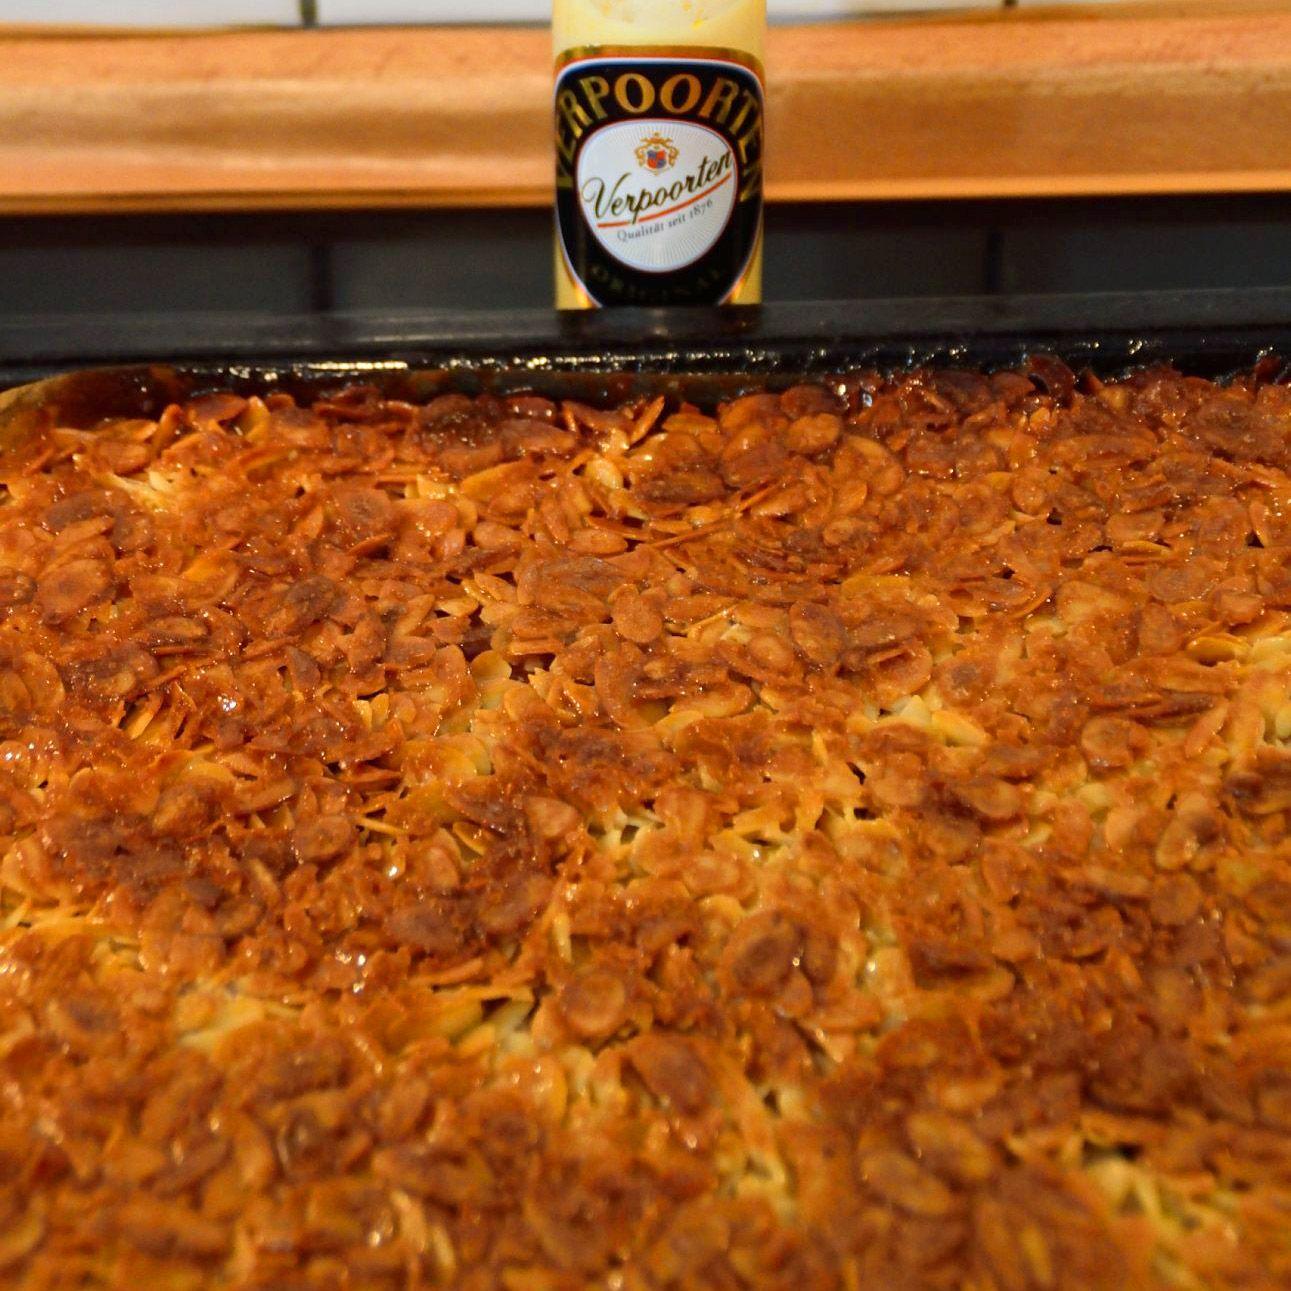 Mandelkuchen mit Eierlikör vom Blech - Becherkuchen - Kuchenrezepte mit Eierlikör